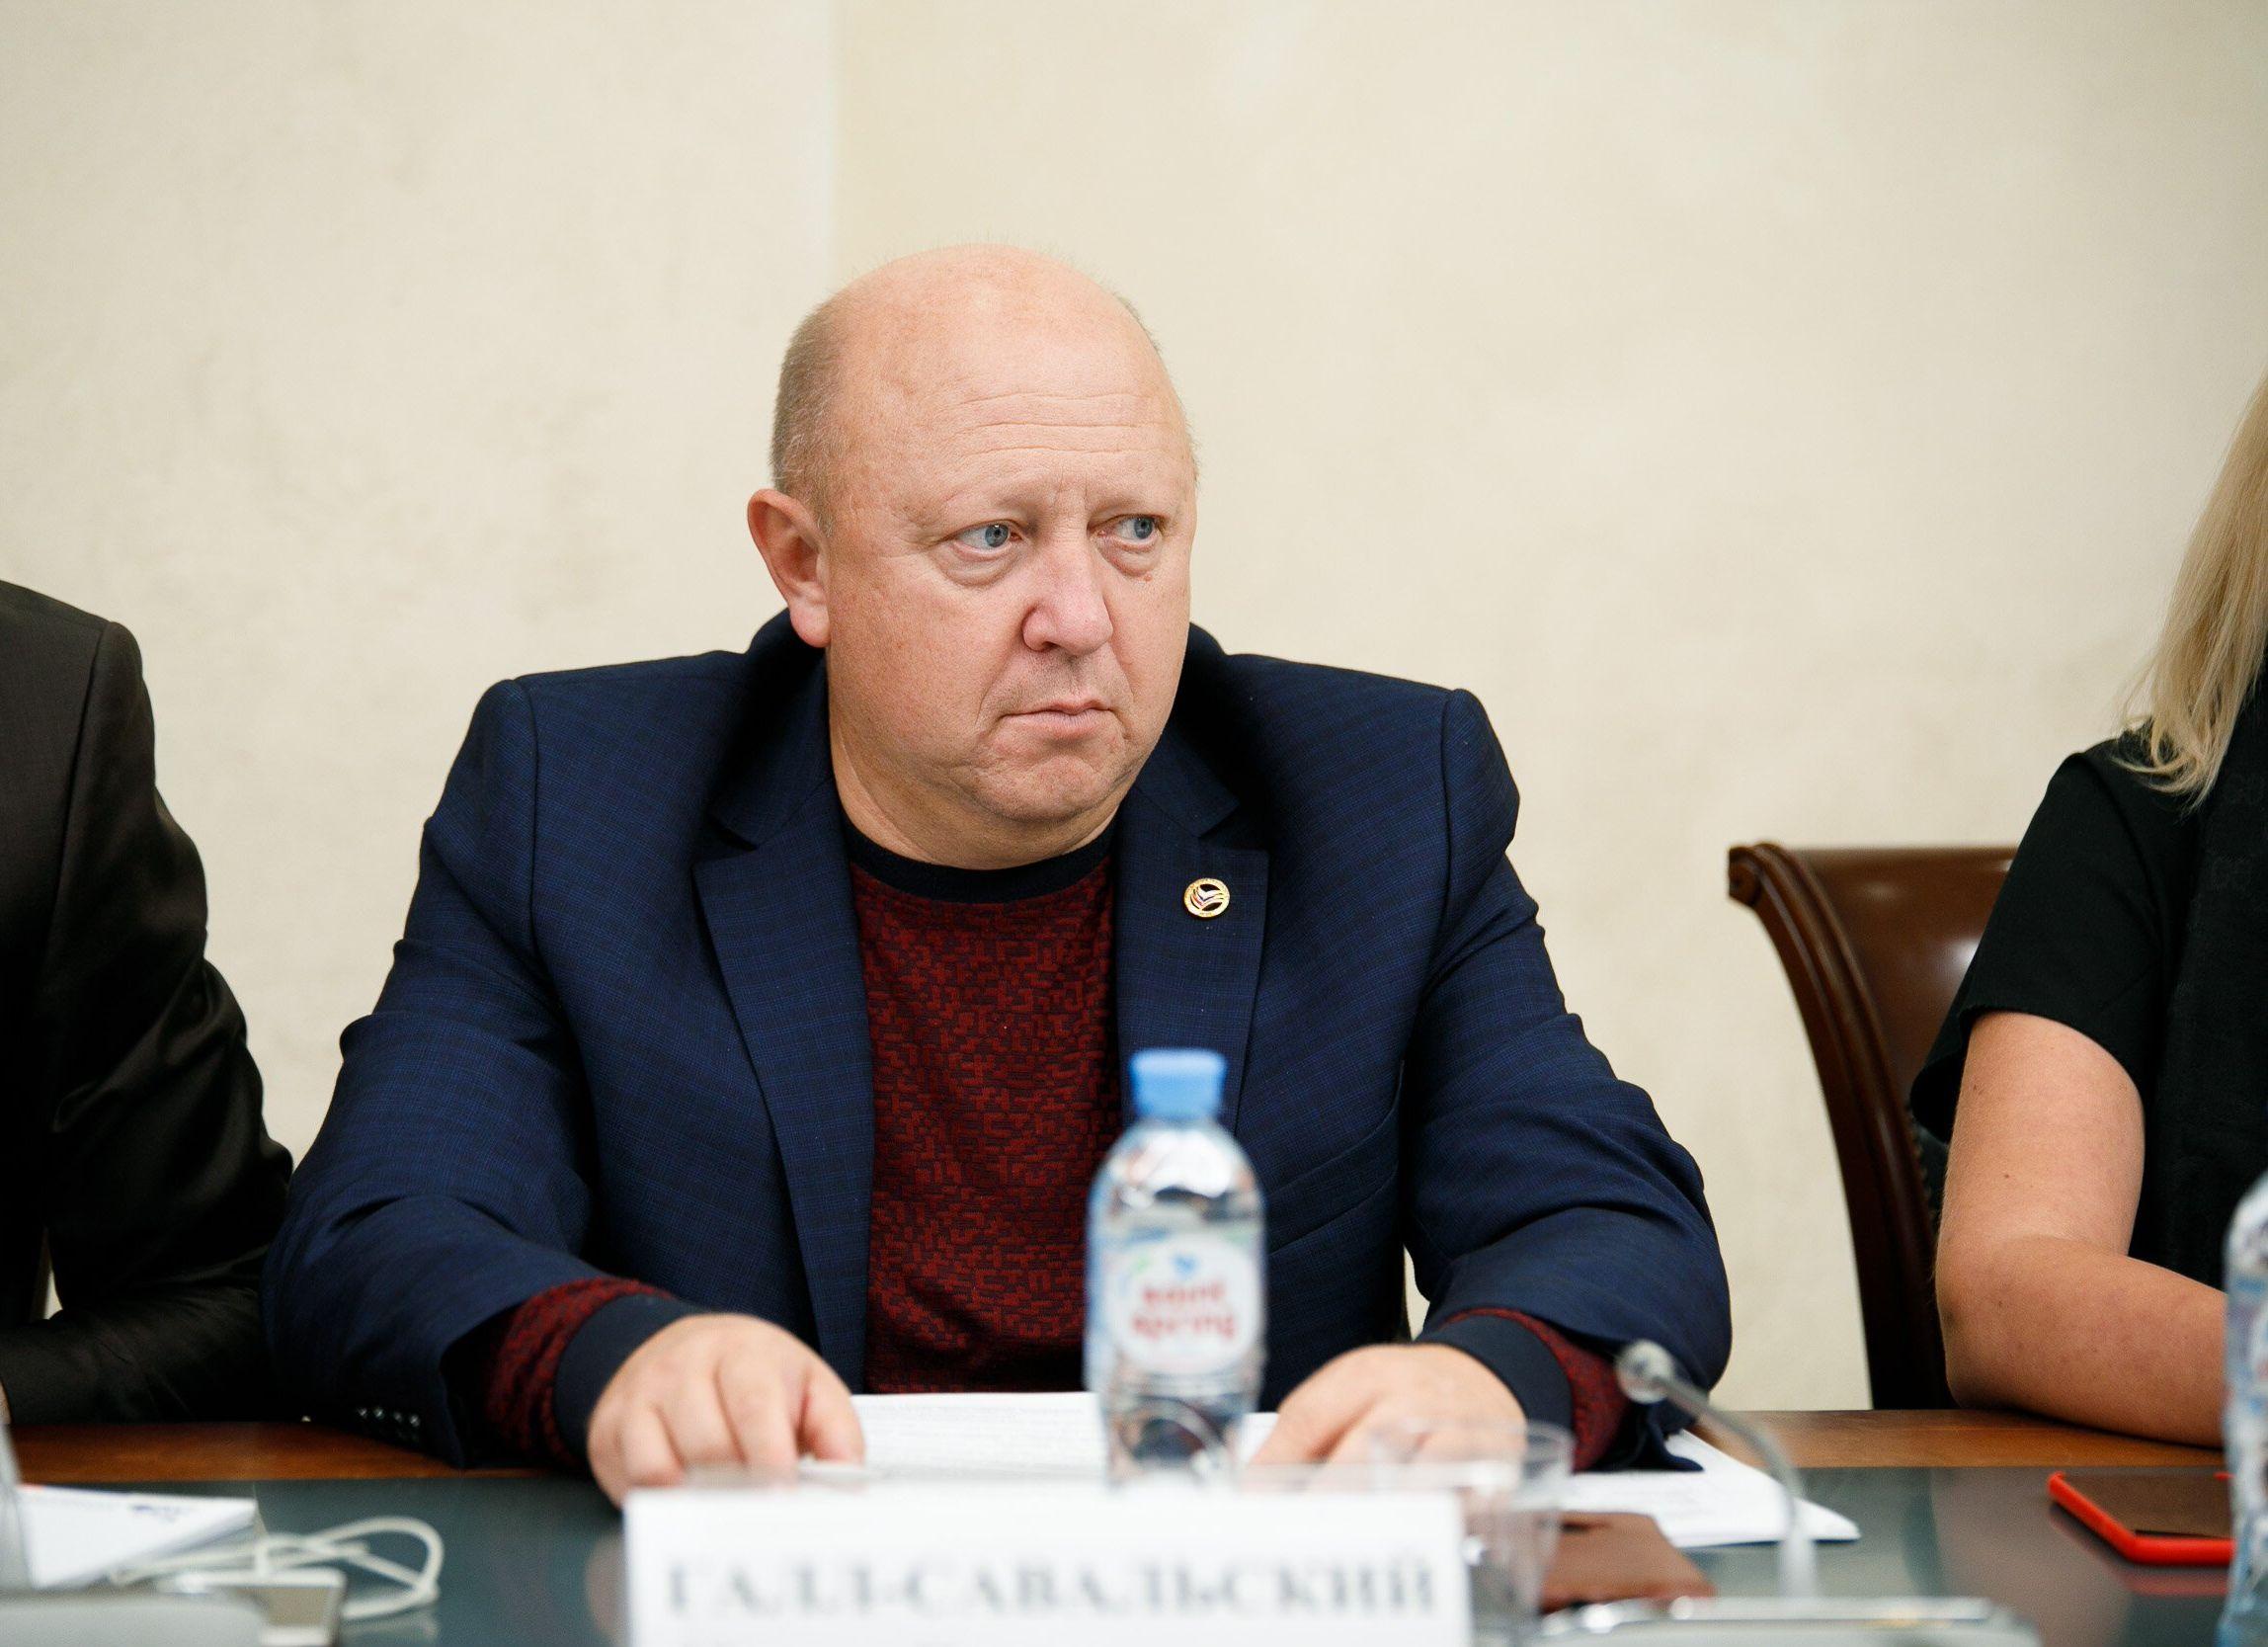 Галл-Савальский: Для формирования доступной среды для инвалидов необходимо выстроить взаимодействие с чиновниками